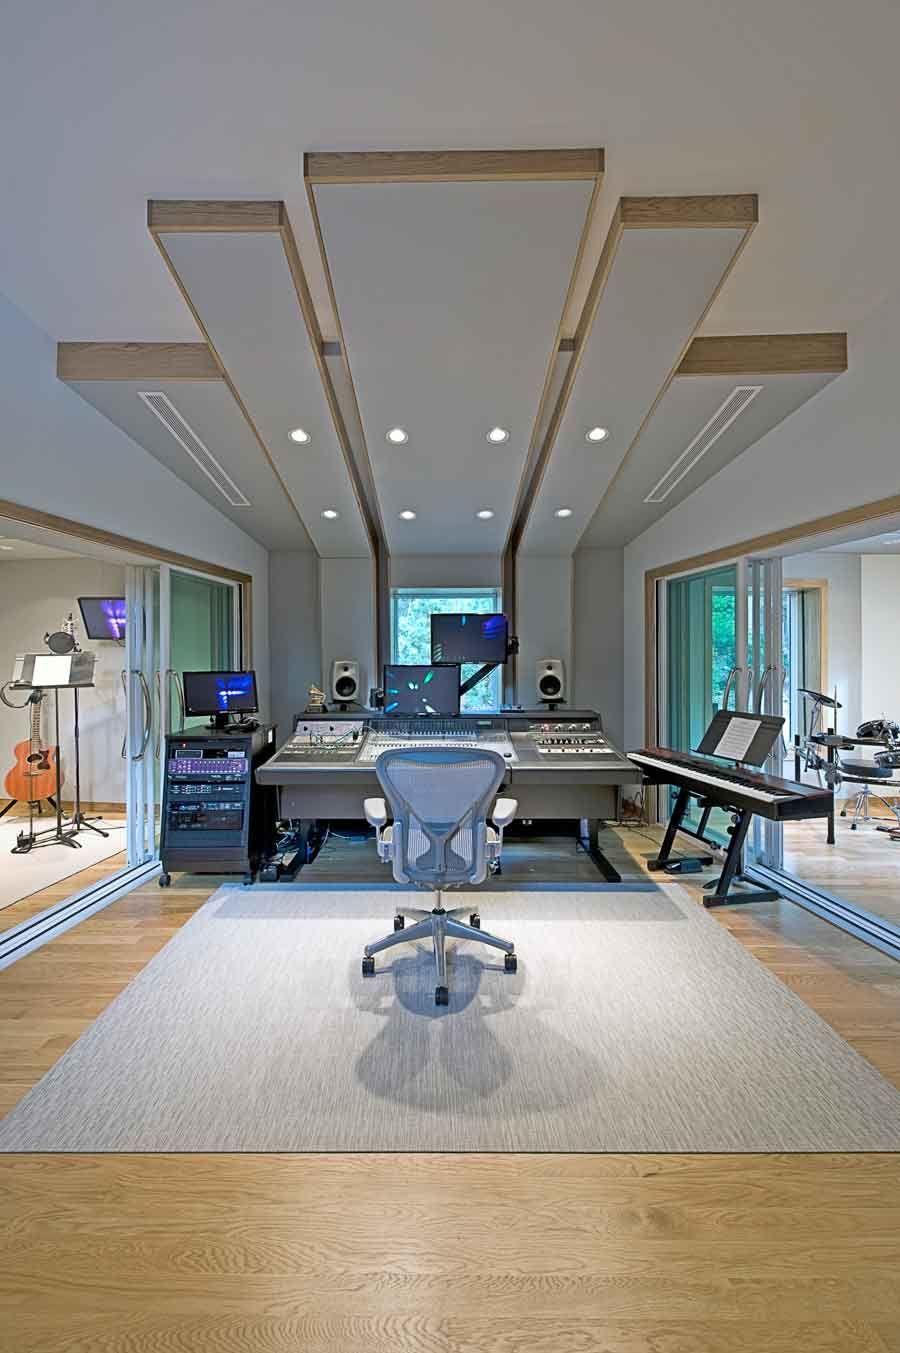 Heimkino schlafzimmer design-ideen pin von roman auf studio  pinterest  studio akustik und tonstudio